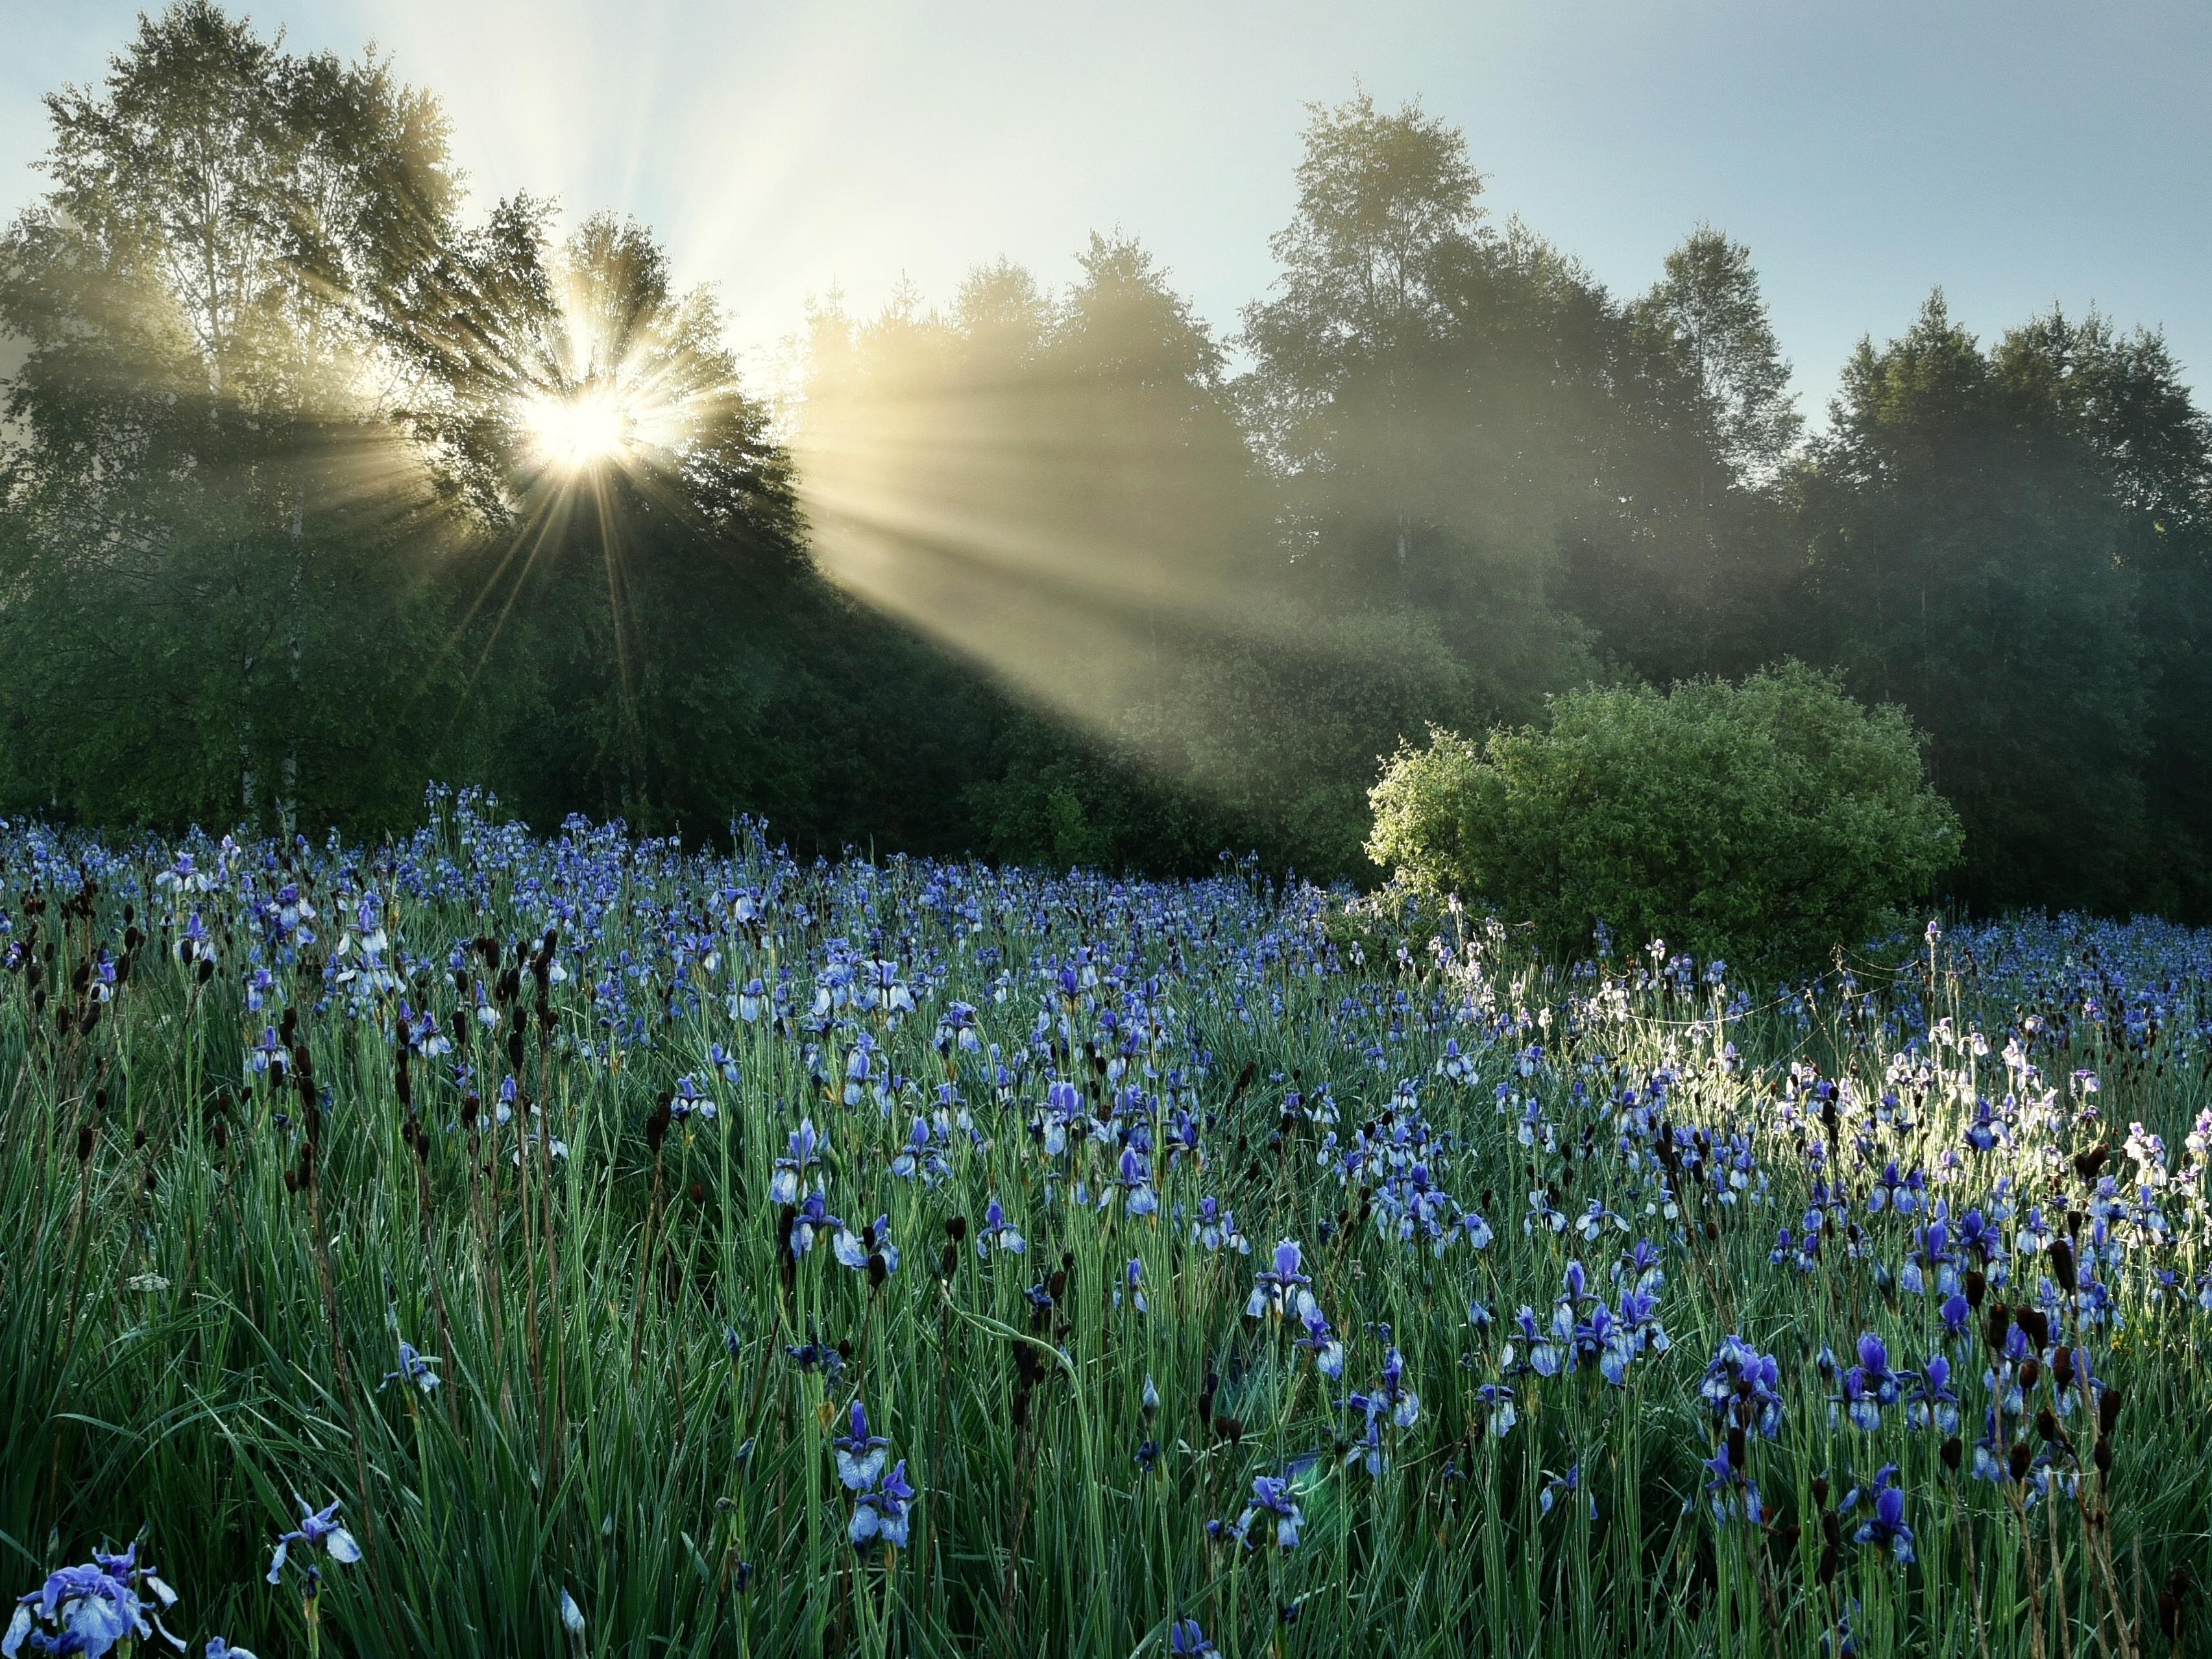 Další ročník fotosoutěže MMM: Foťte chráněnou českou přírodu a vyhrajte pobyt v národním parku!